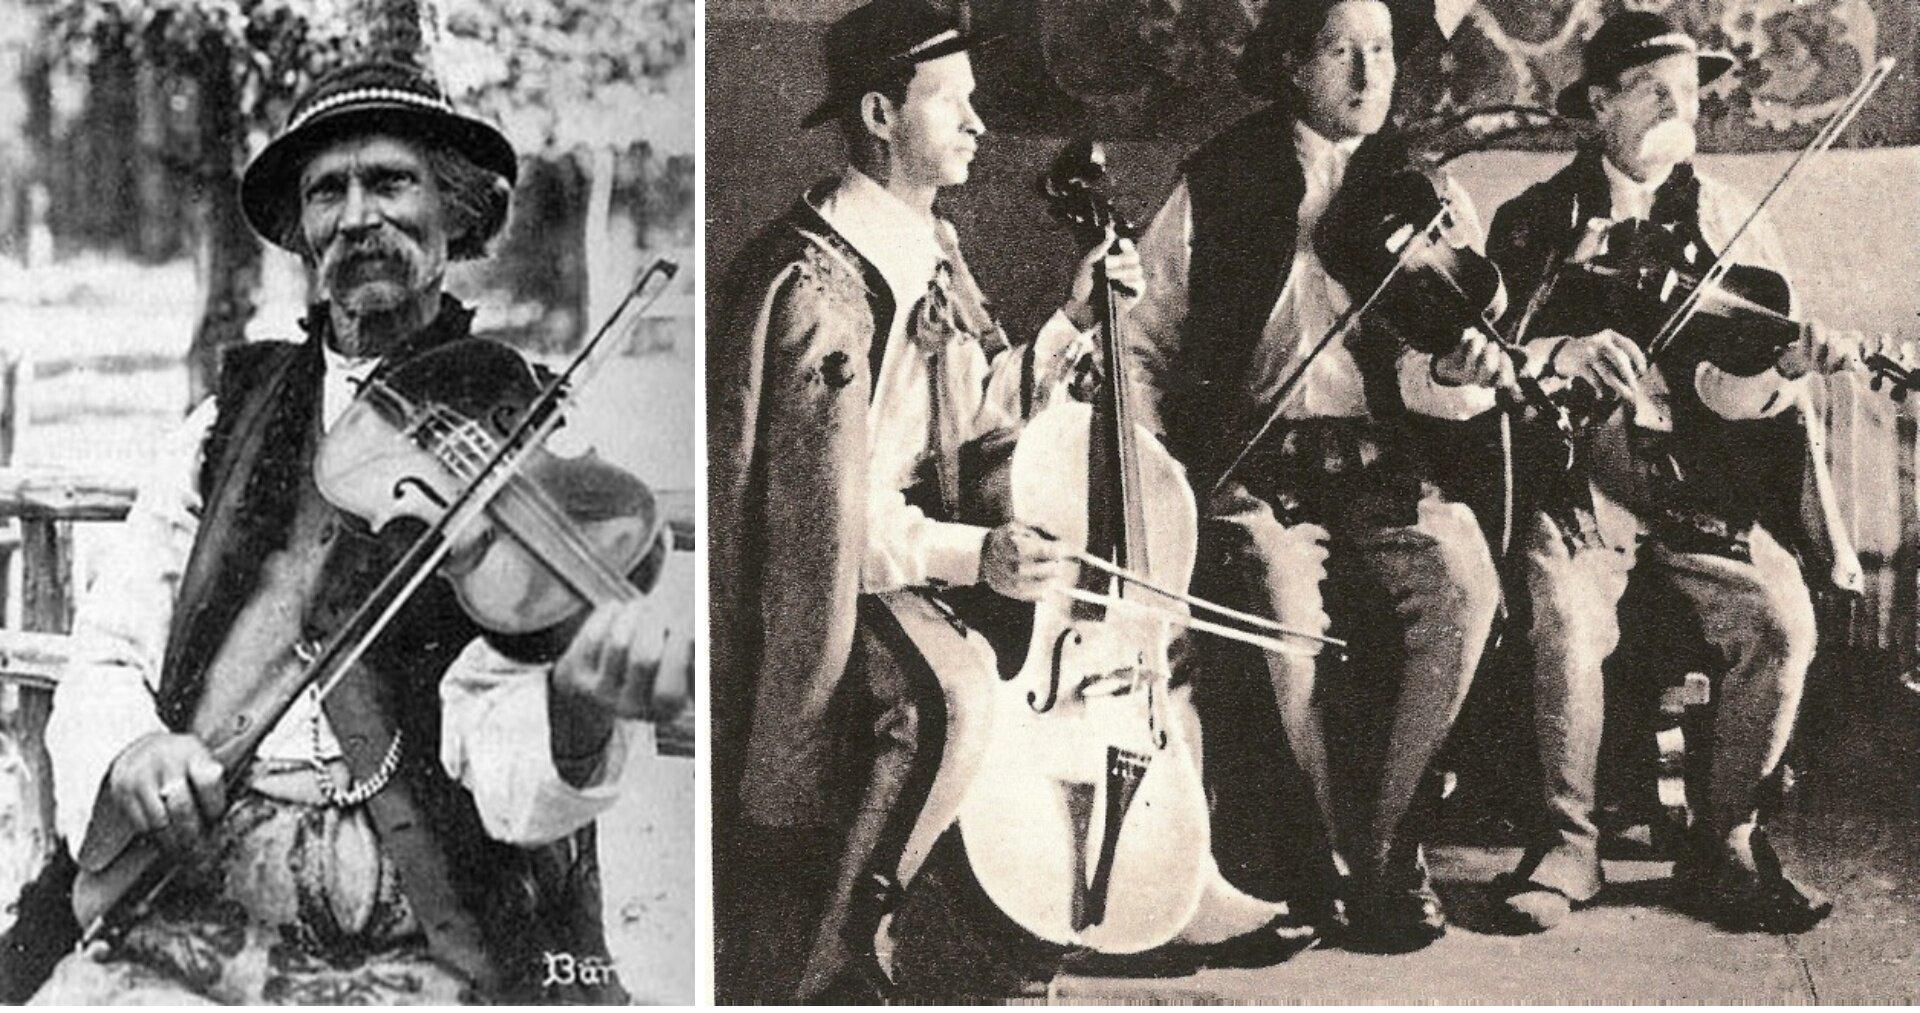 Ilustracja składa się zdwóch zdjęć. Pierwsze przedstawia Bartusia Obrochtę, sławnego skrzypka góralskiego, drugie kapelę góralską Obrochtów - wskładzie dwóch skrzypków ibasista. Wszyscy mężczyźni ubrani są wtradycyjne stroje podhalańskie: białe koszule, kamizelki lub kurtki, białe spodnie, na głowach mają kapelusze ozdobione sznurkiem muszelek, na nogach kierpce.